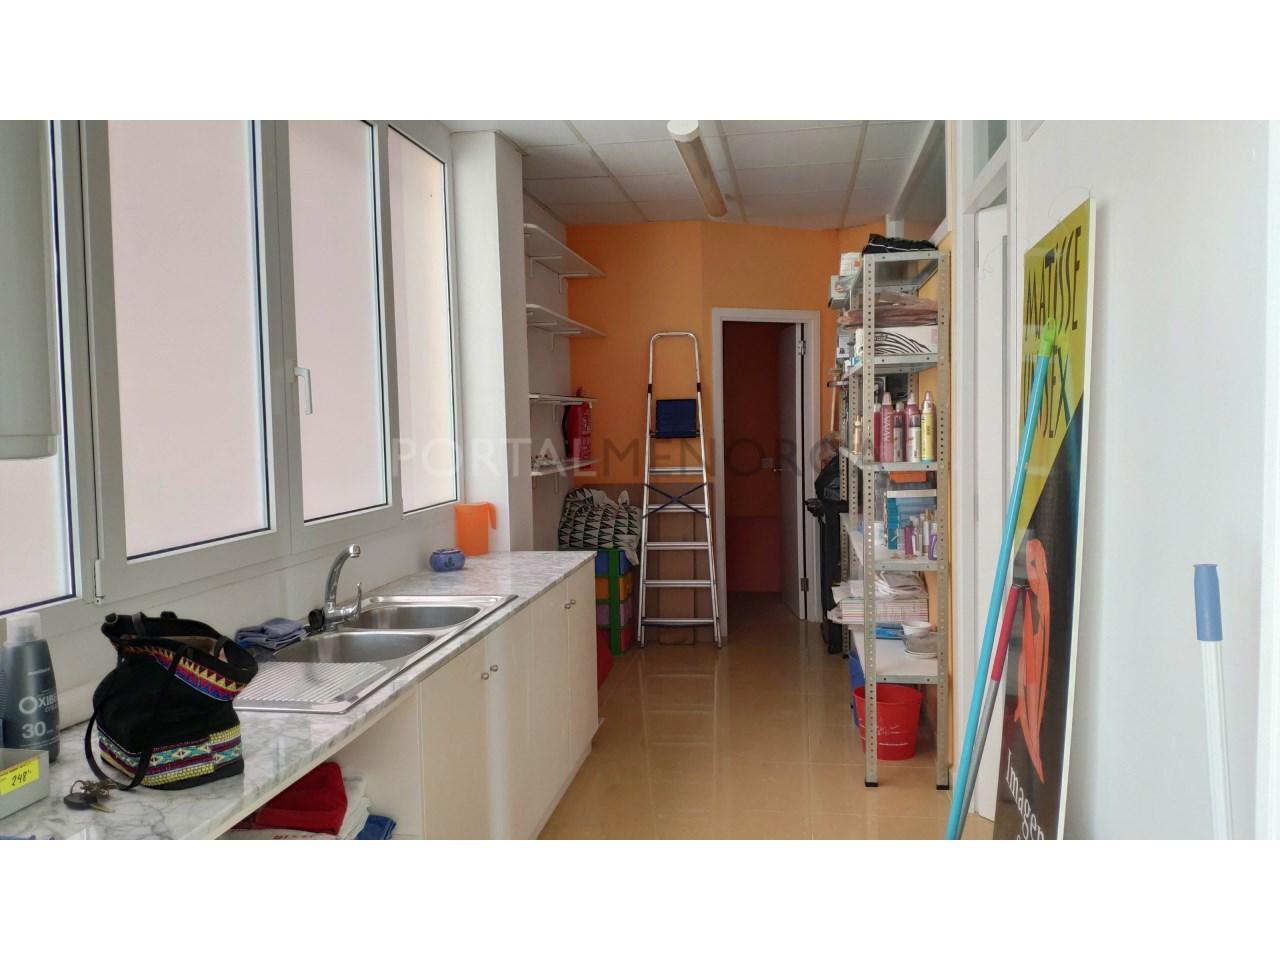 Local for sale in Ciutadella Menorca-storage room